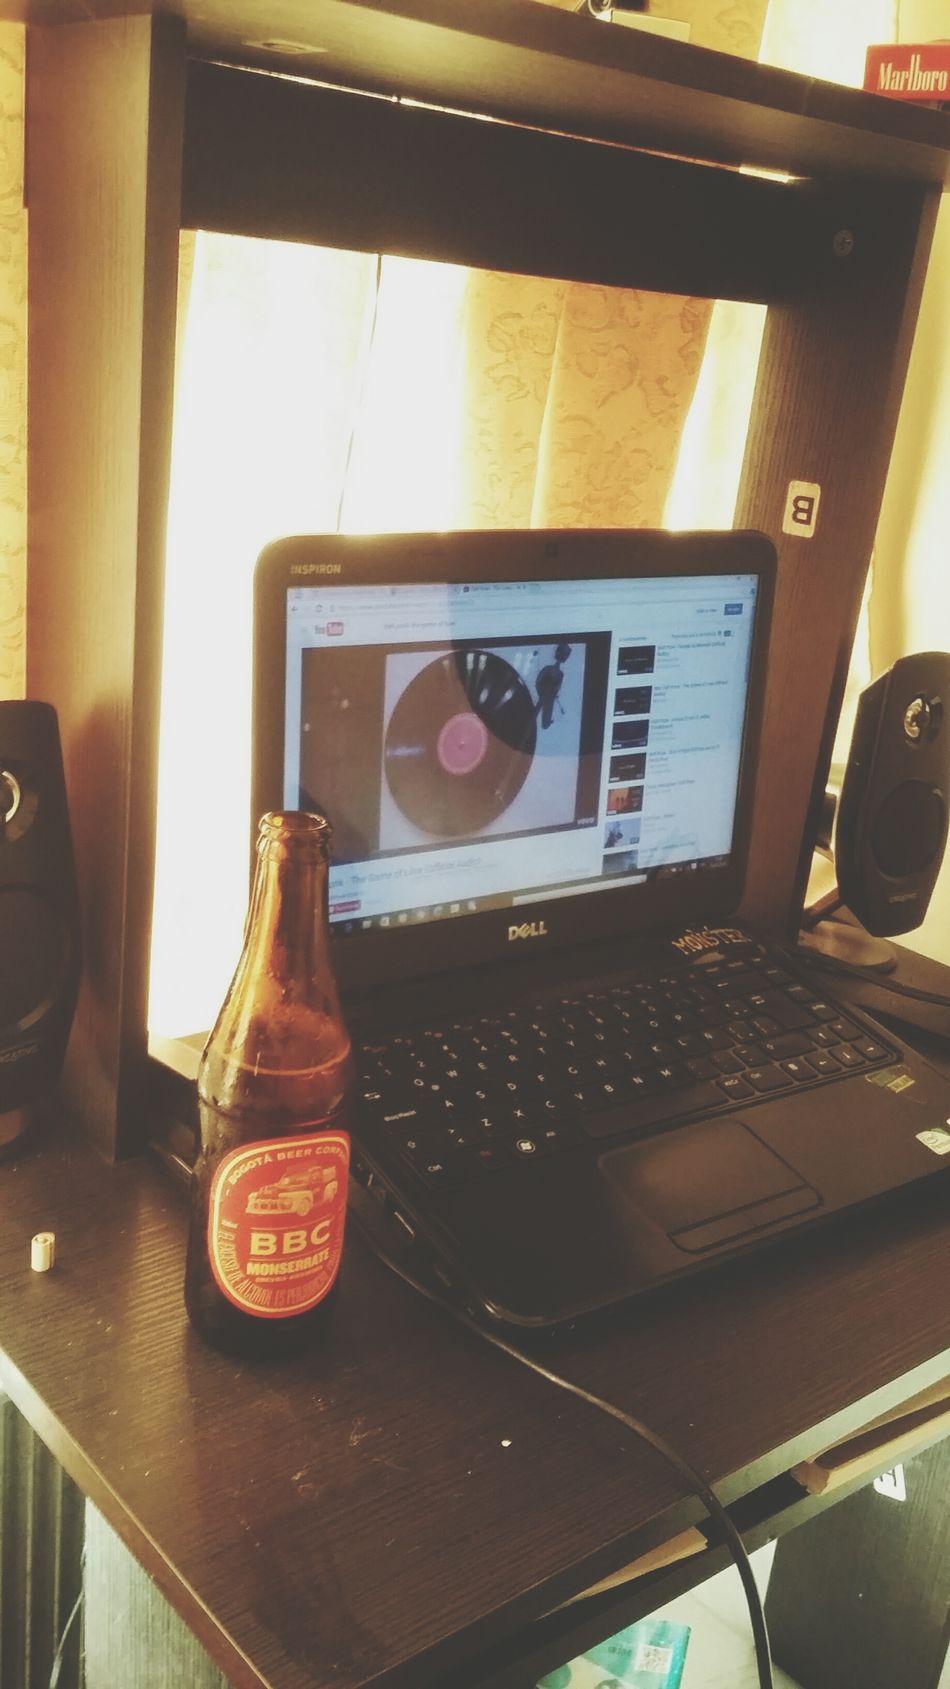 Bogotabeercompany Daftpunk  Instapic EyeEm Gallery Beer Music Is My Life